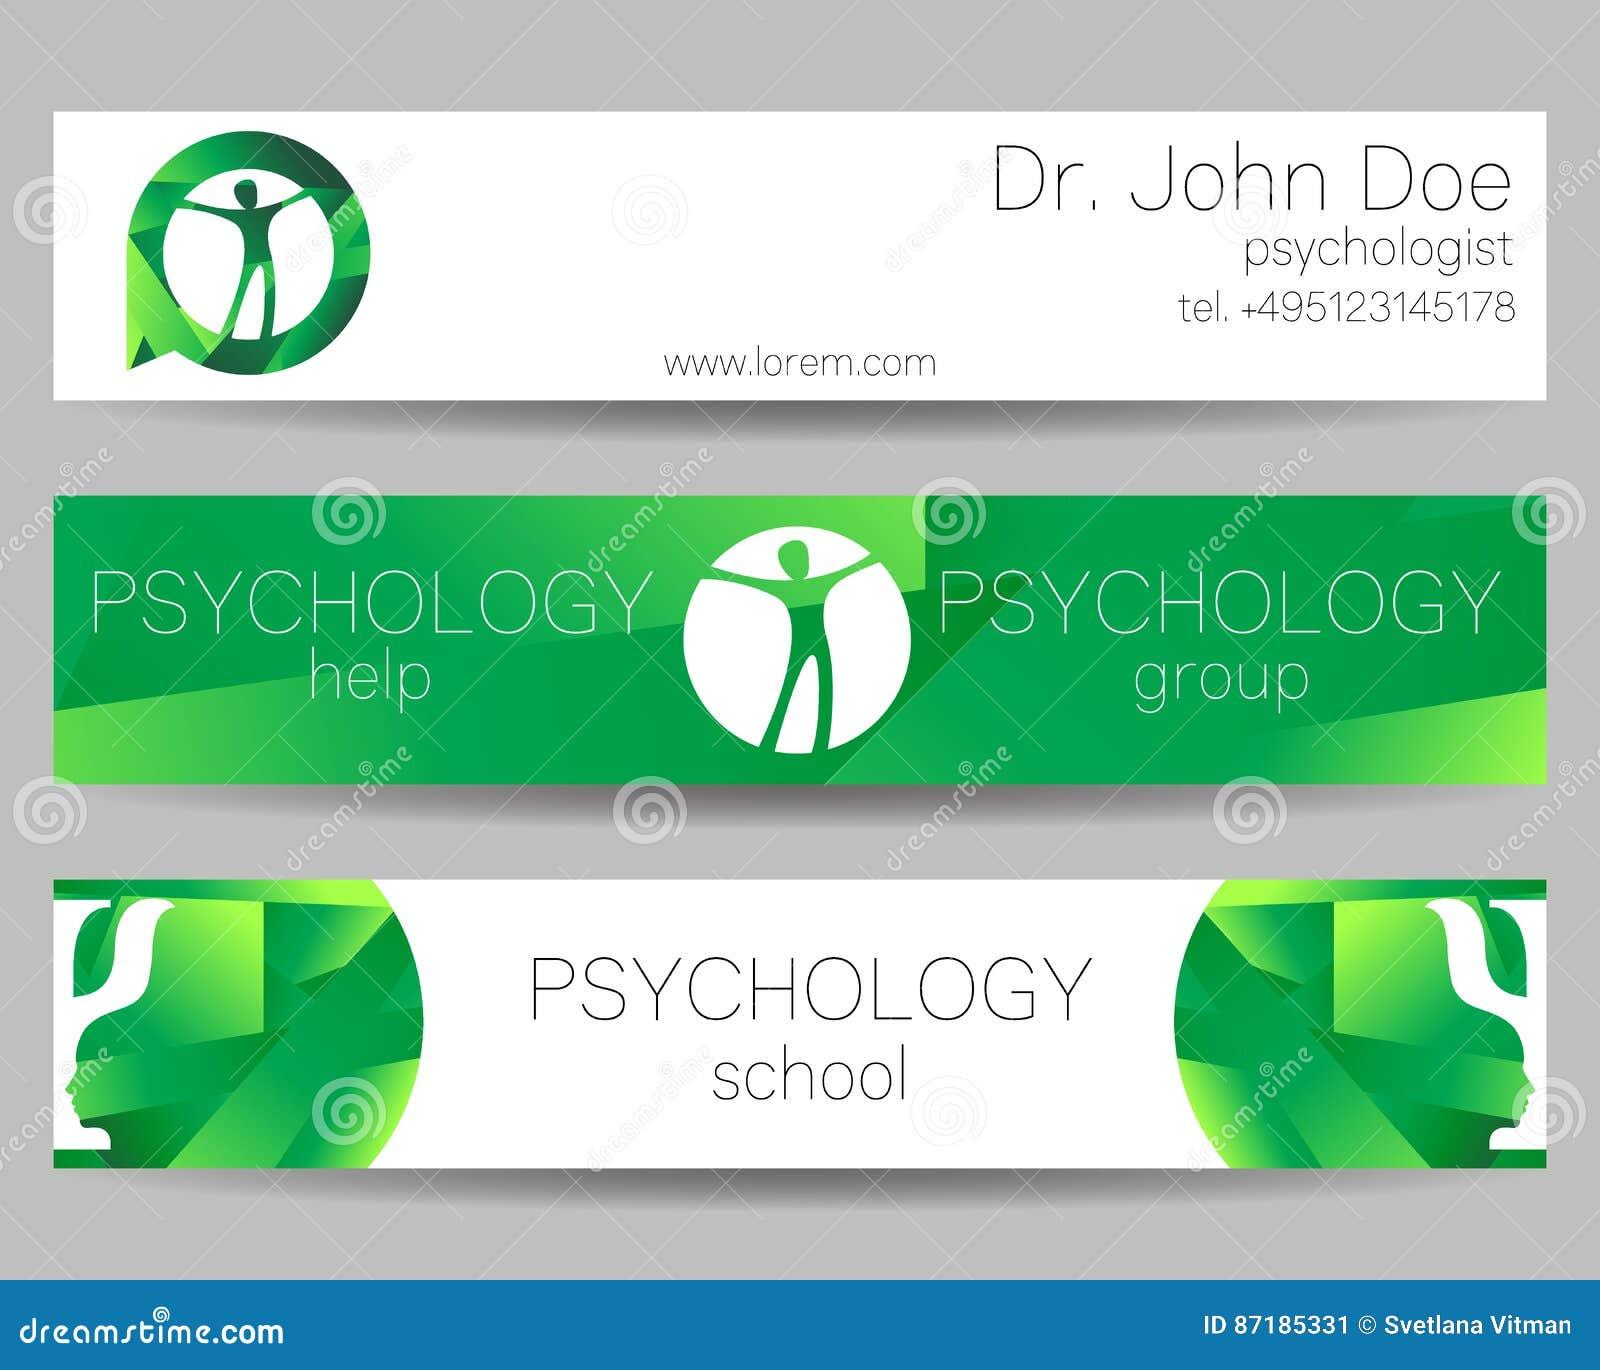 Vector Psychology Web Banner Design Background Or Header Templates ...